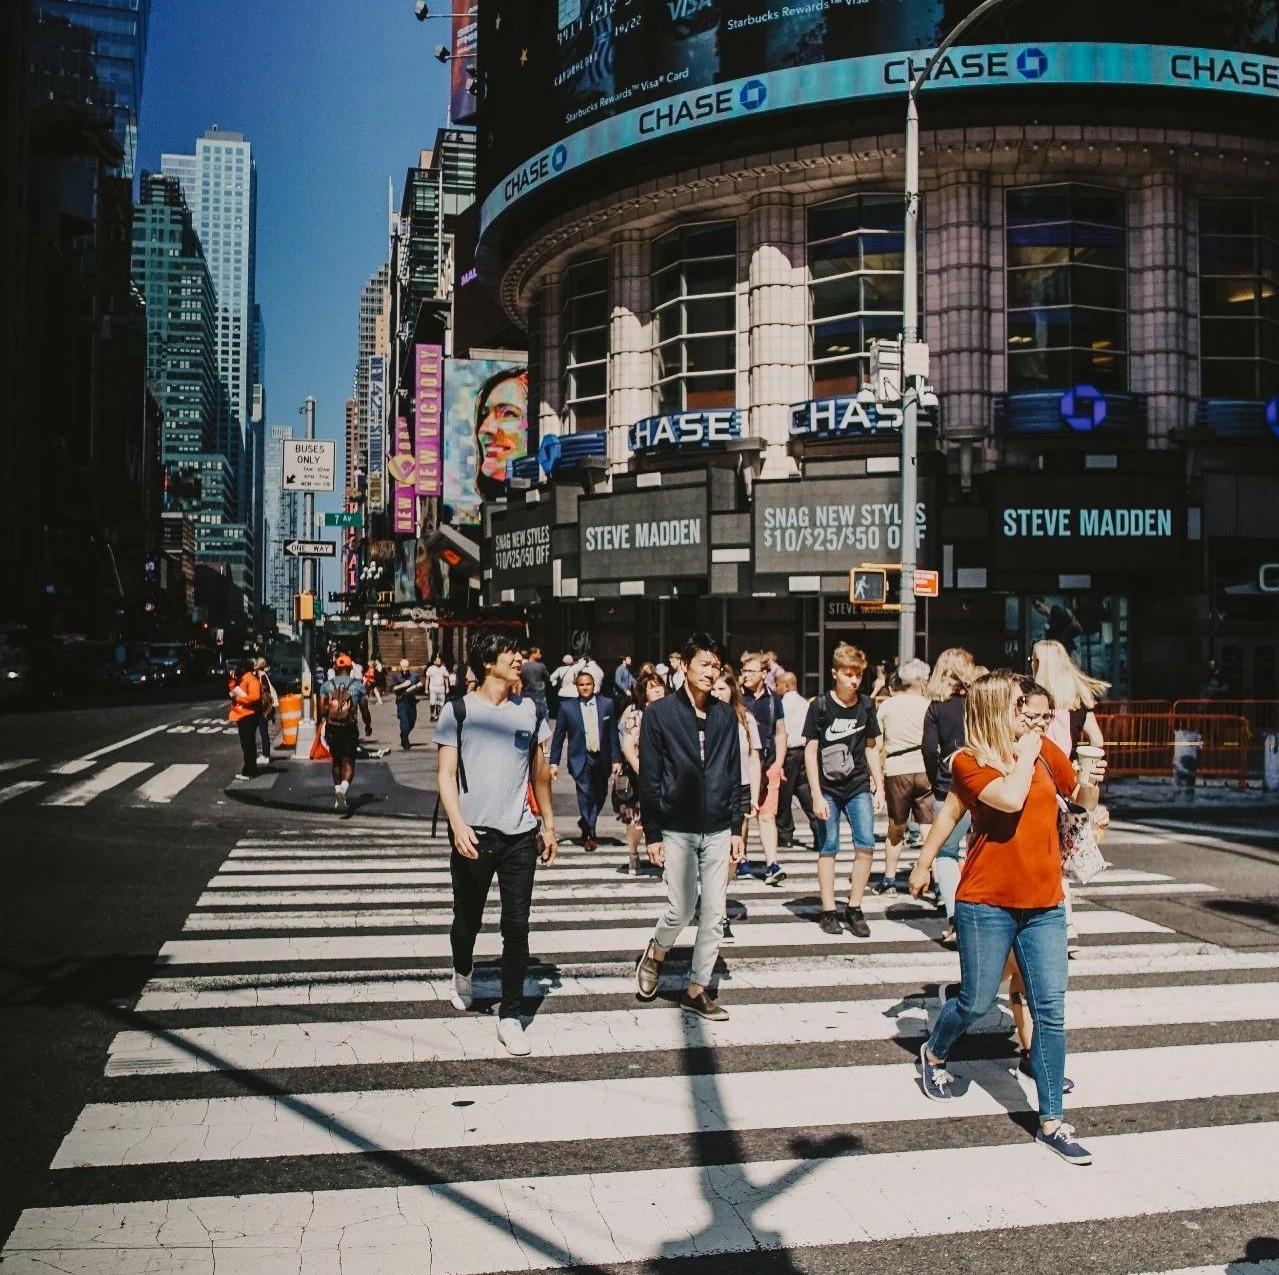 天猫总裁宣布今年双11要给消费者节省500亿;51信用卡复牌,涨13%;乐视大厦遭司法拍卖,起拍价6.78亿元……